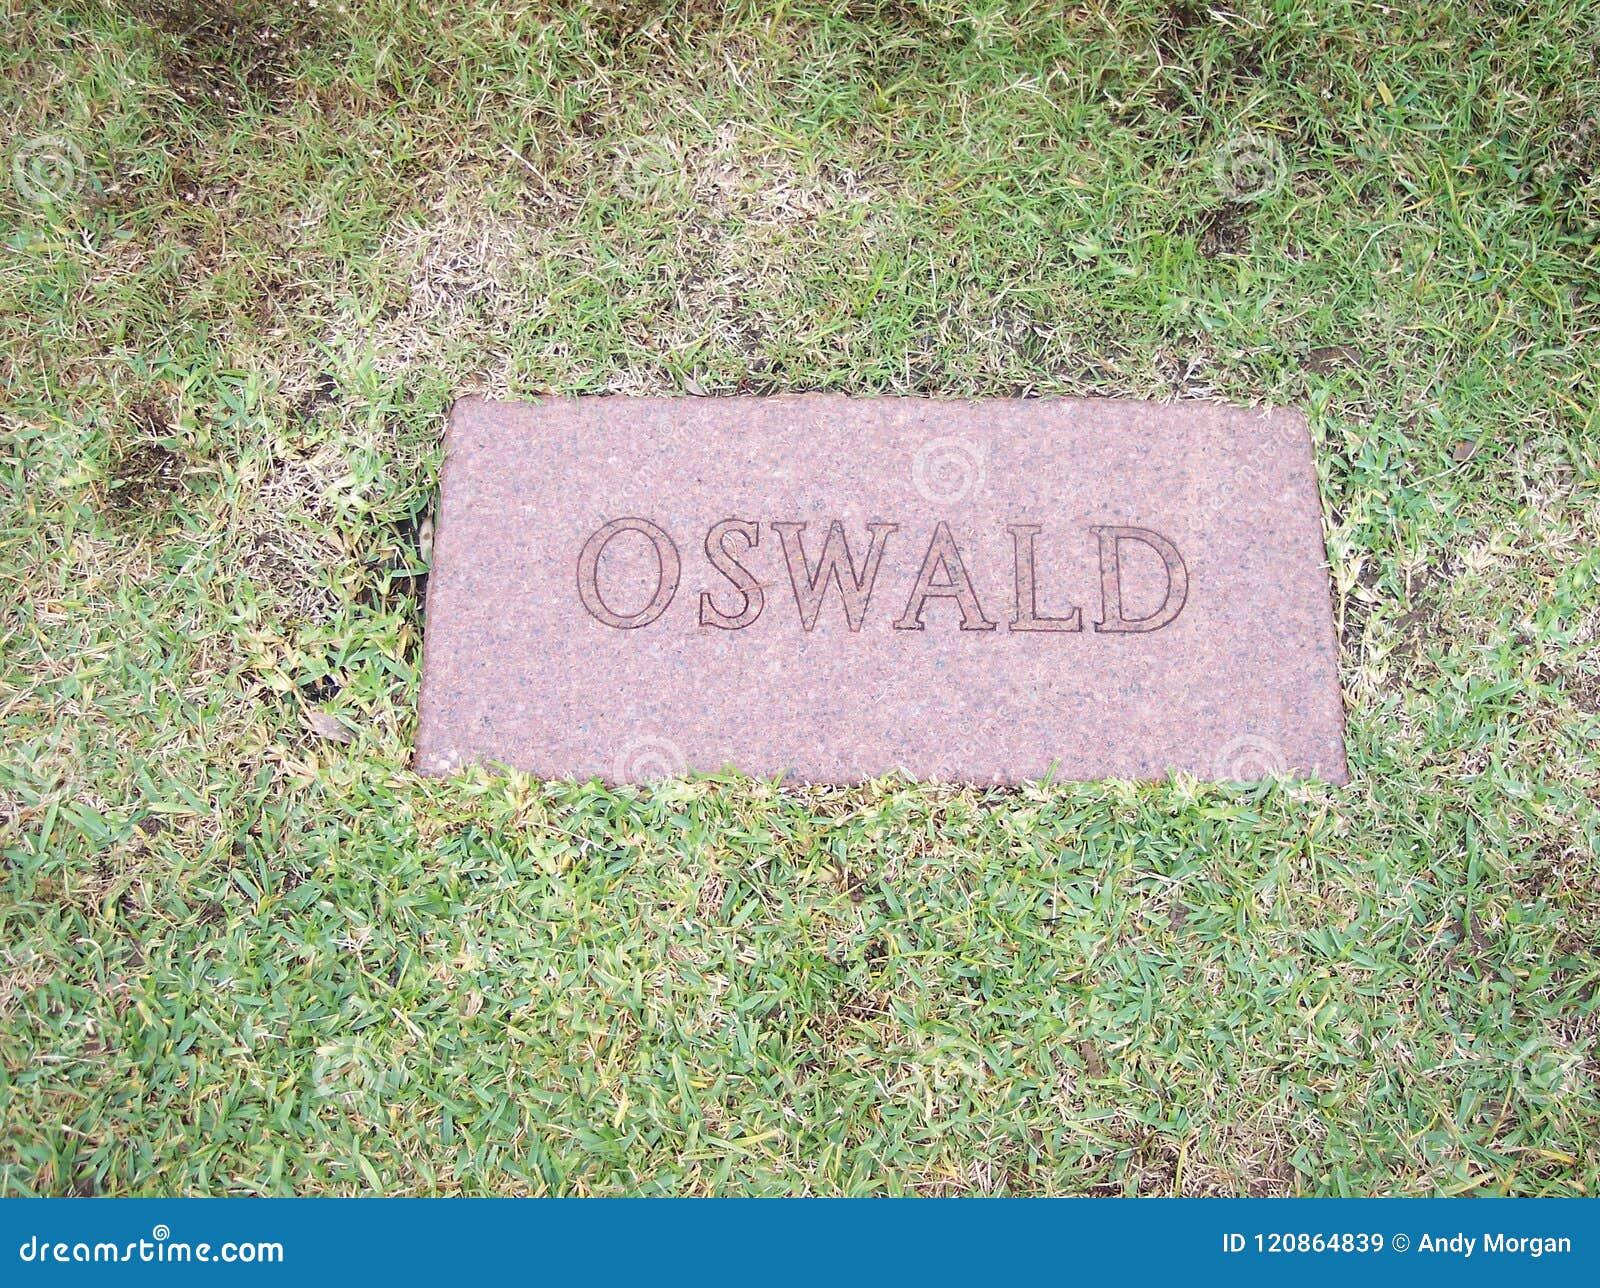 Lee Harvey Oswald Grave